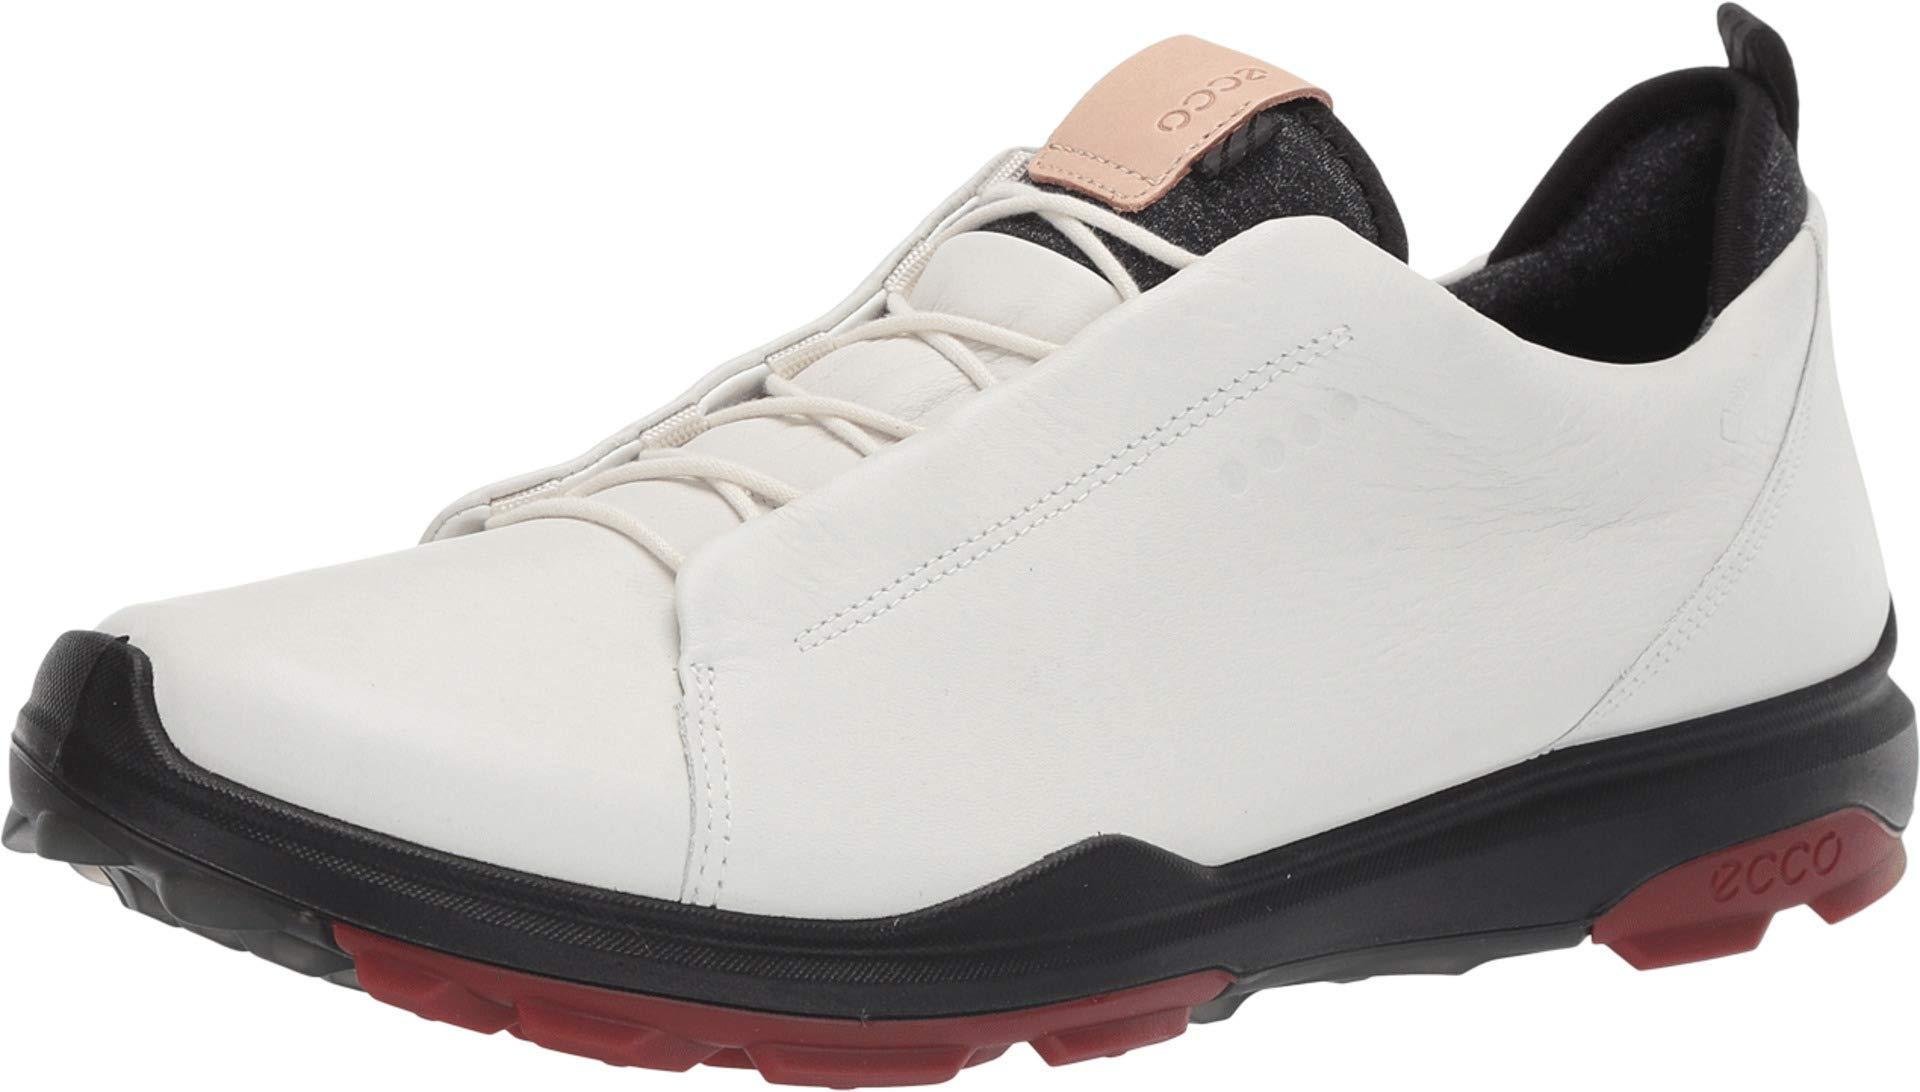 ECCO Men's Biom Hybrid 3 Gore-Tex Golf Shoe, White Open lace, 10 M US by ECCO